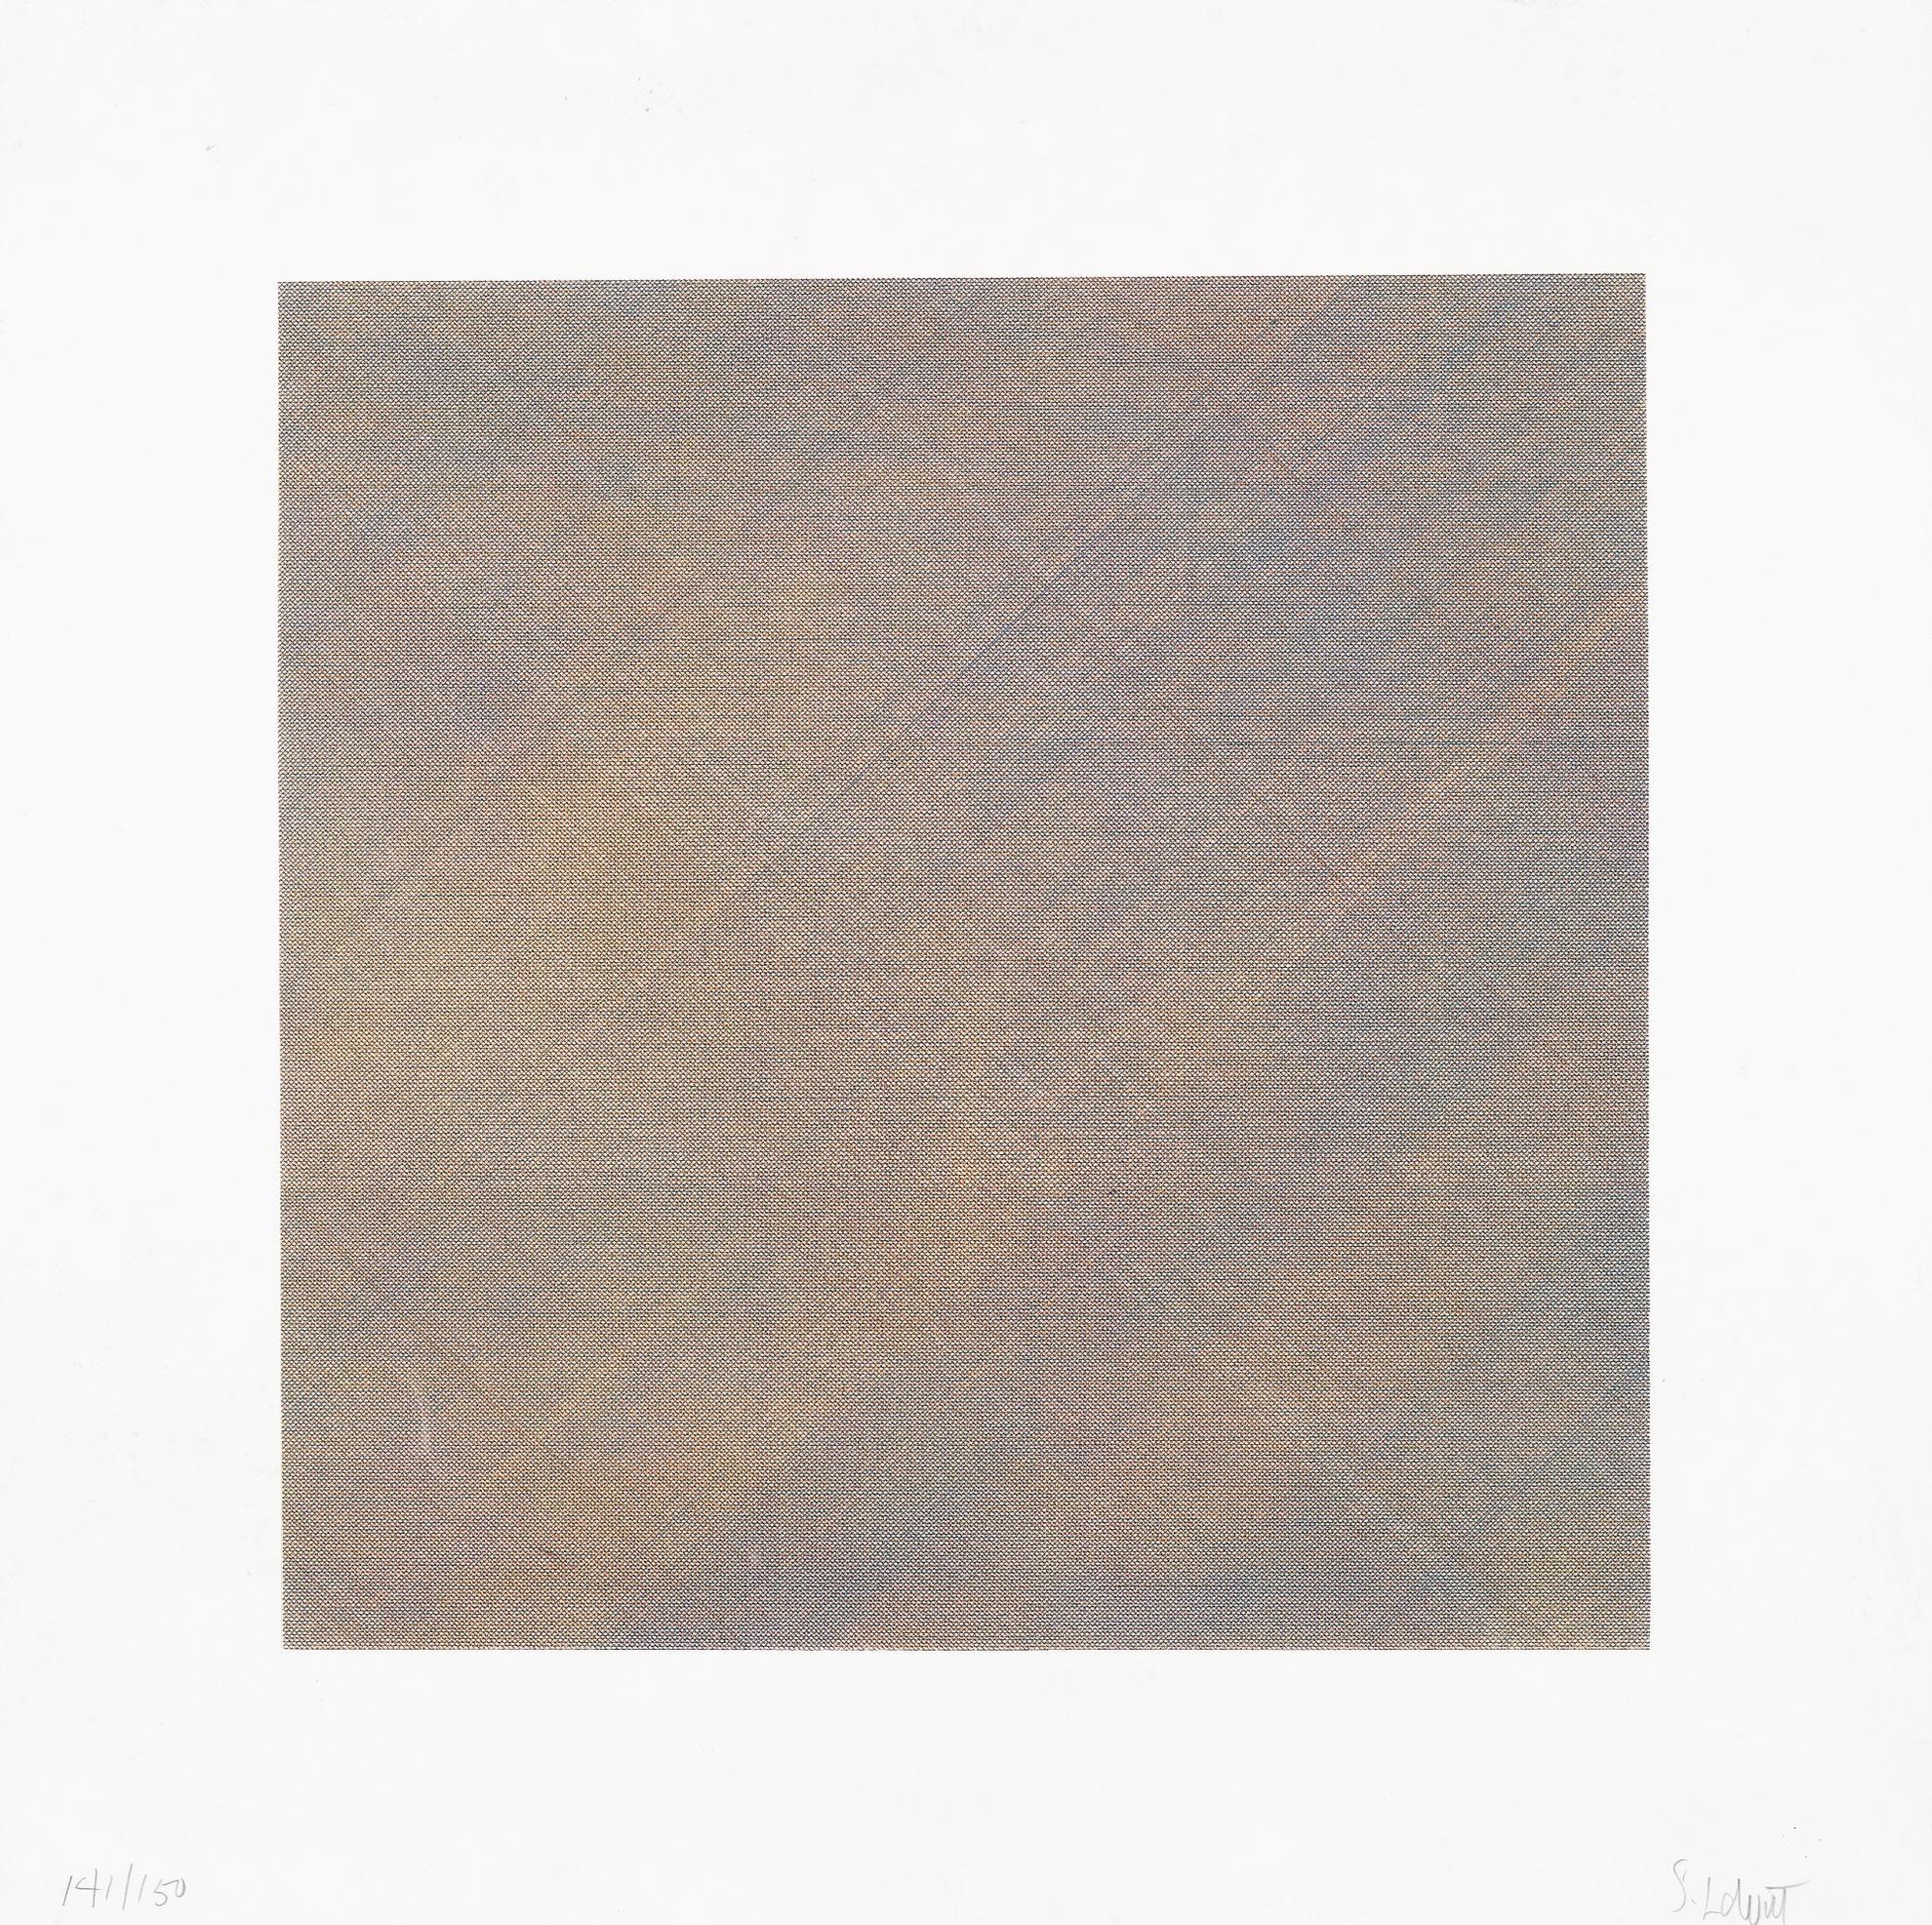 Sol LeWitt-Composite Series-1970